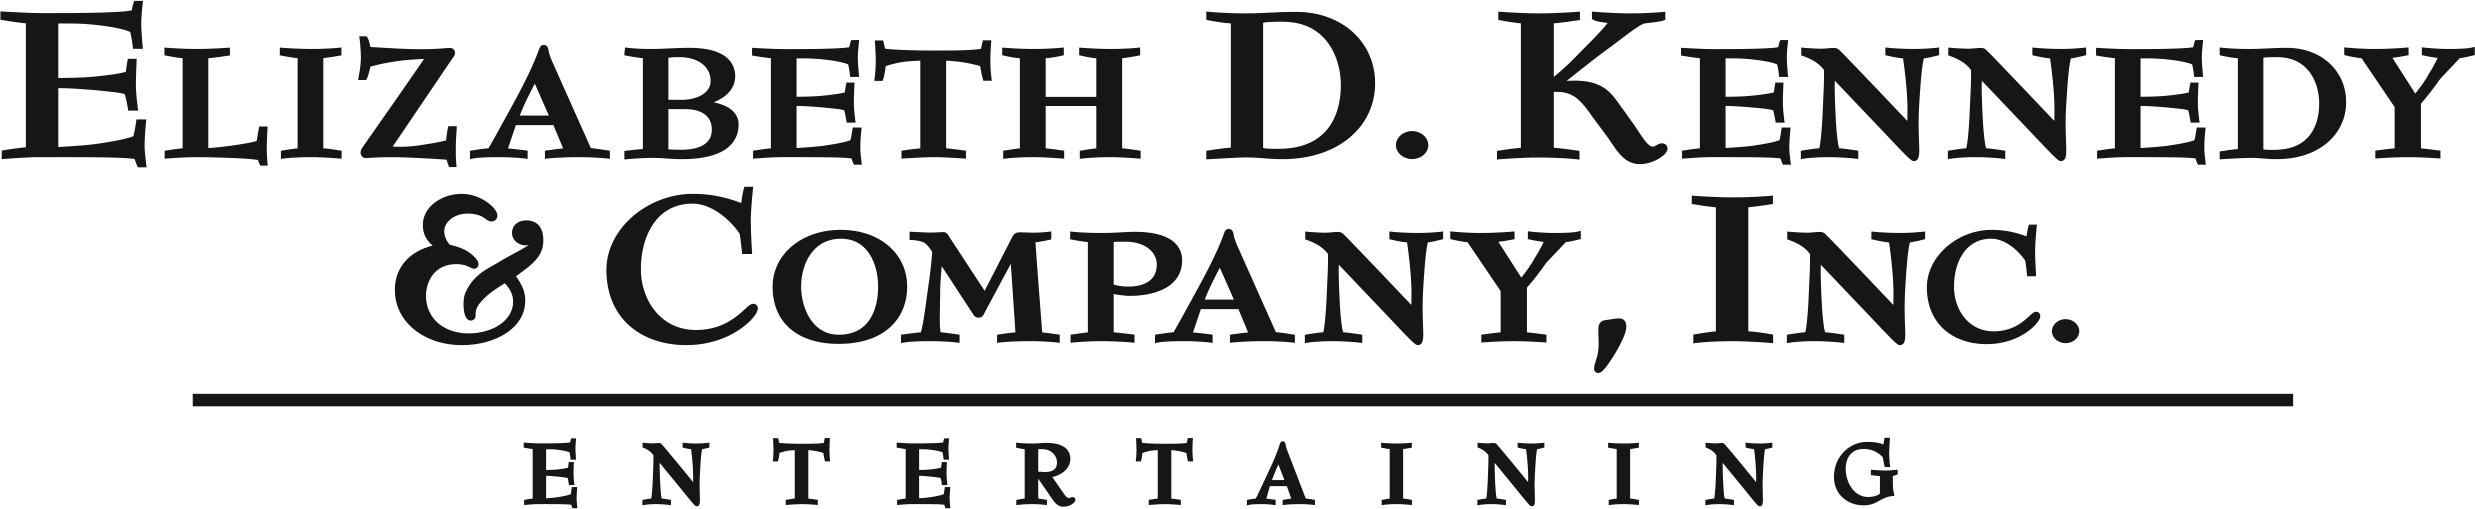 Elizabeth-Kennedy-&-Co-logo.jpg